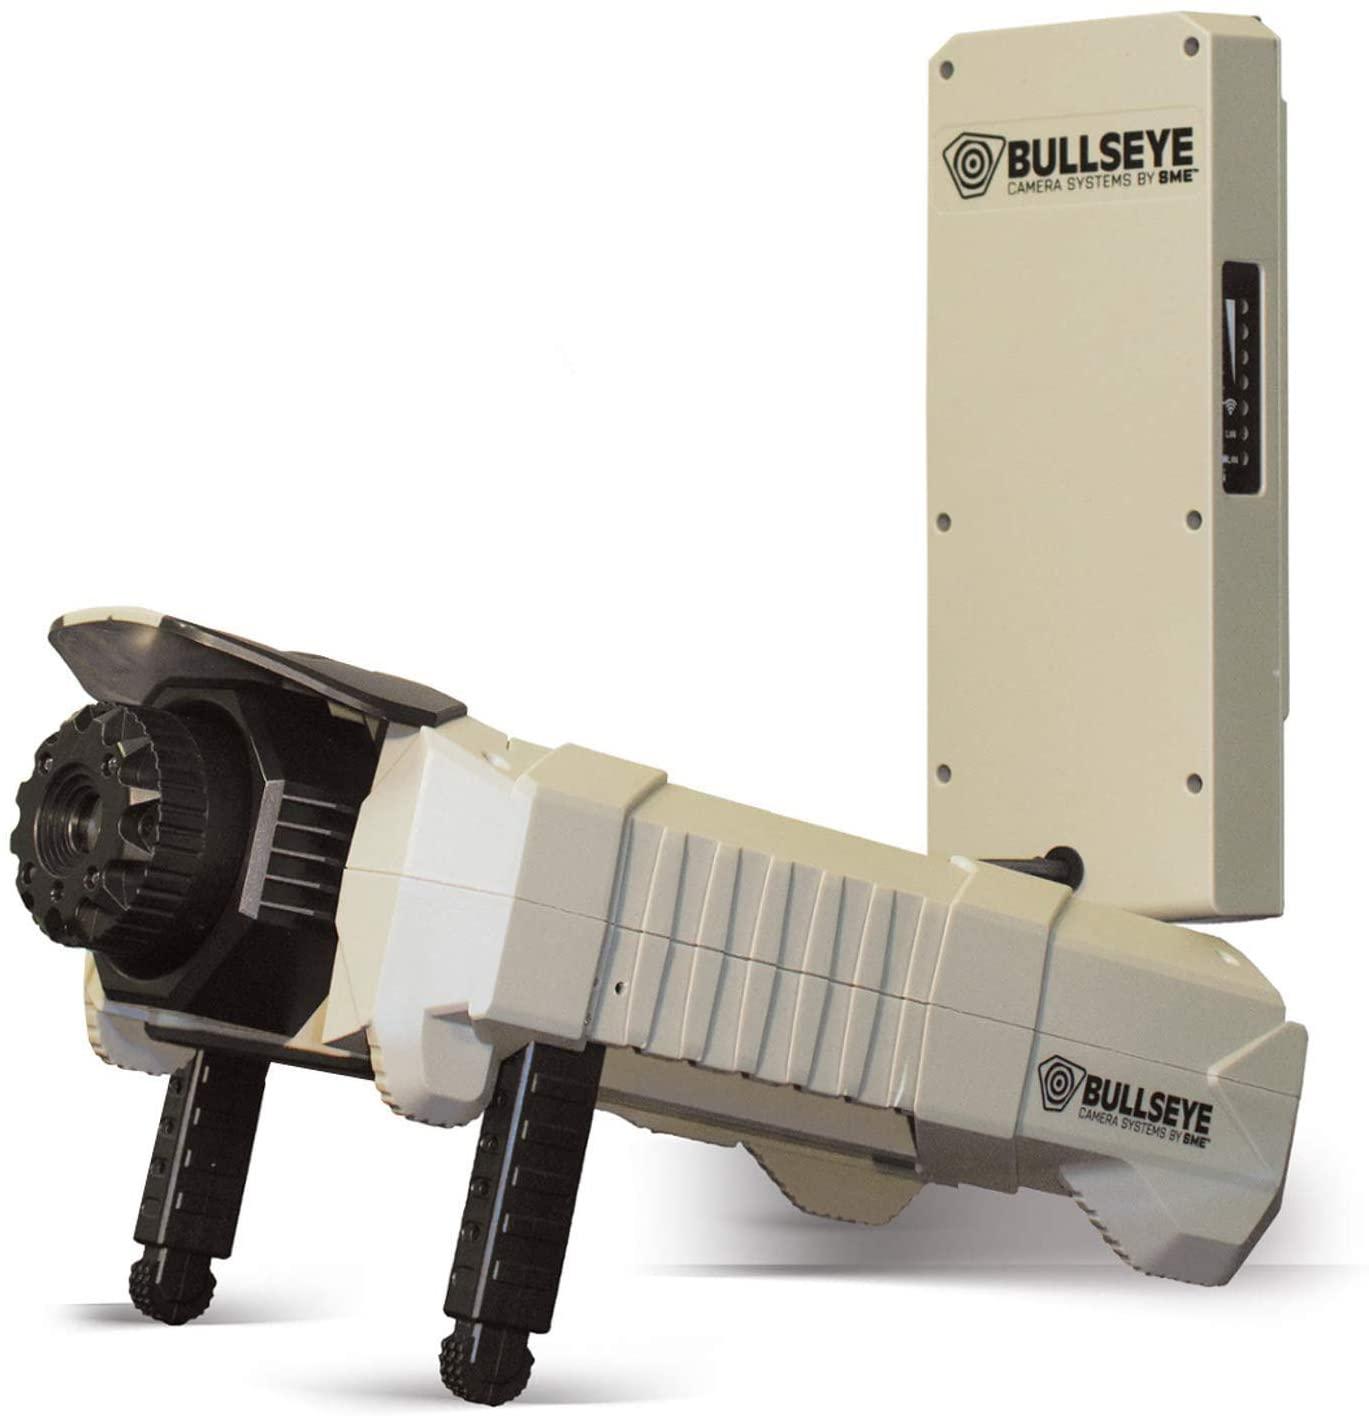 SME Bullseye Long Range Camera